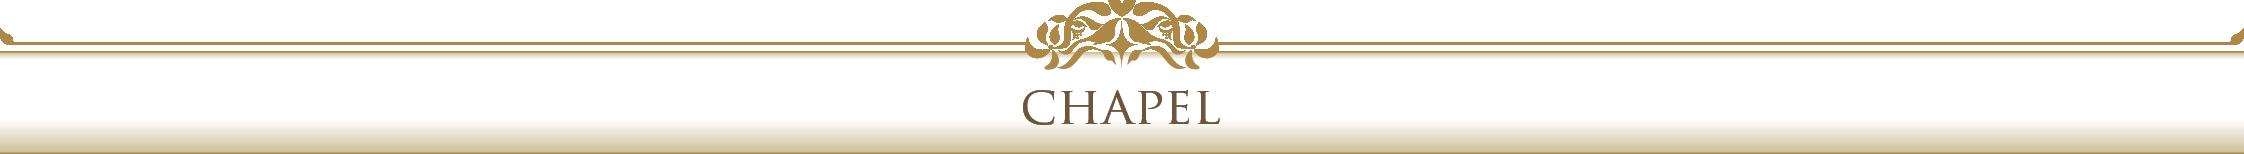 bar_chapel